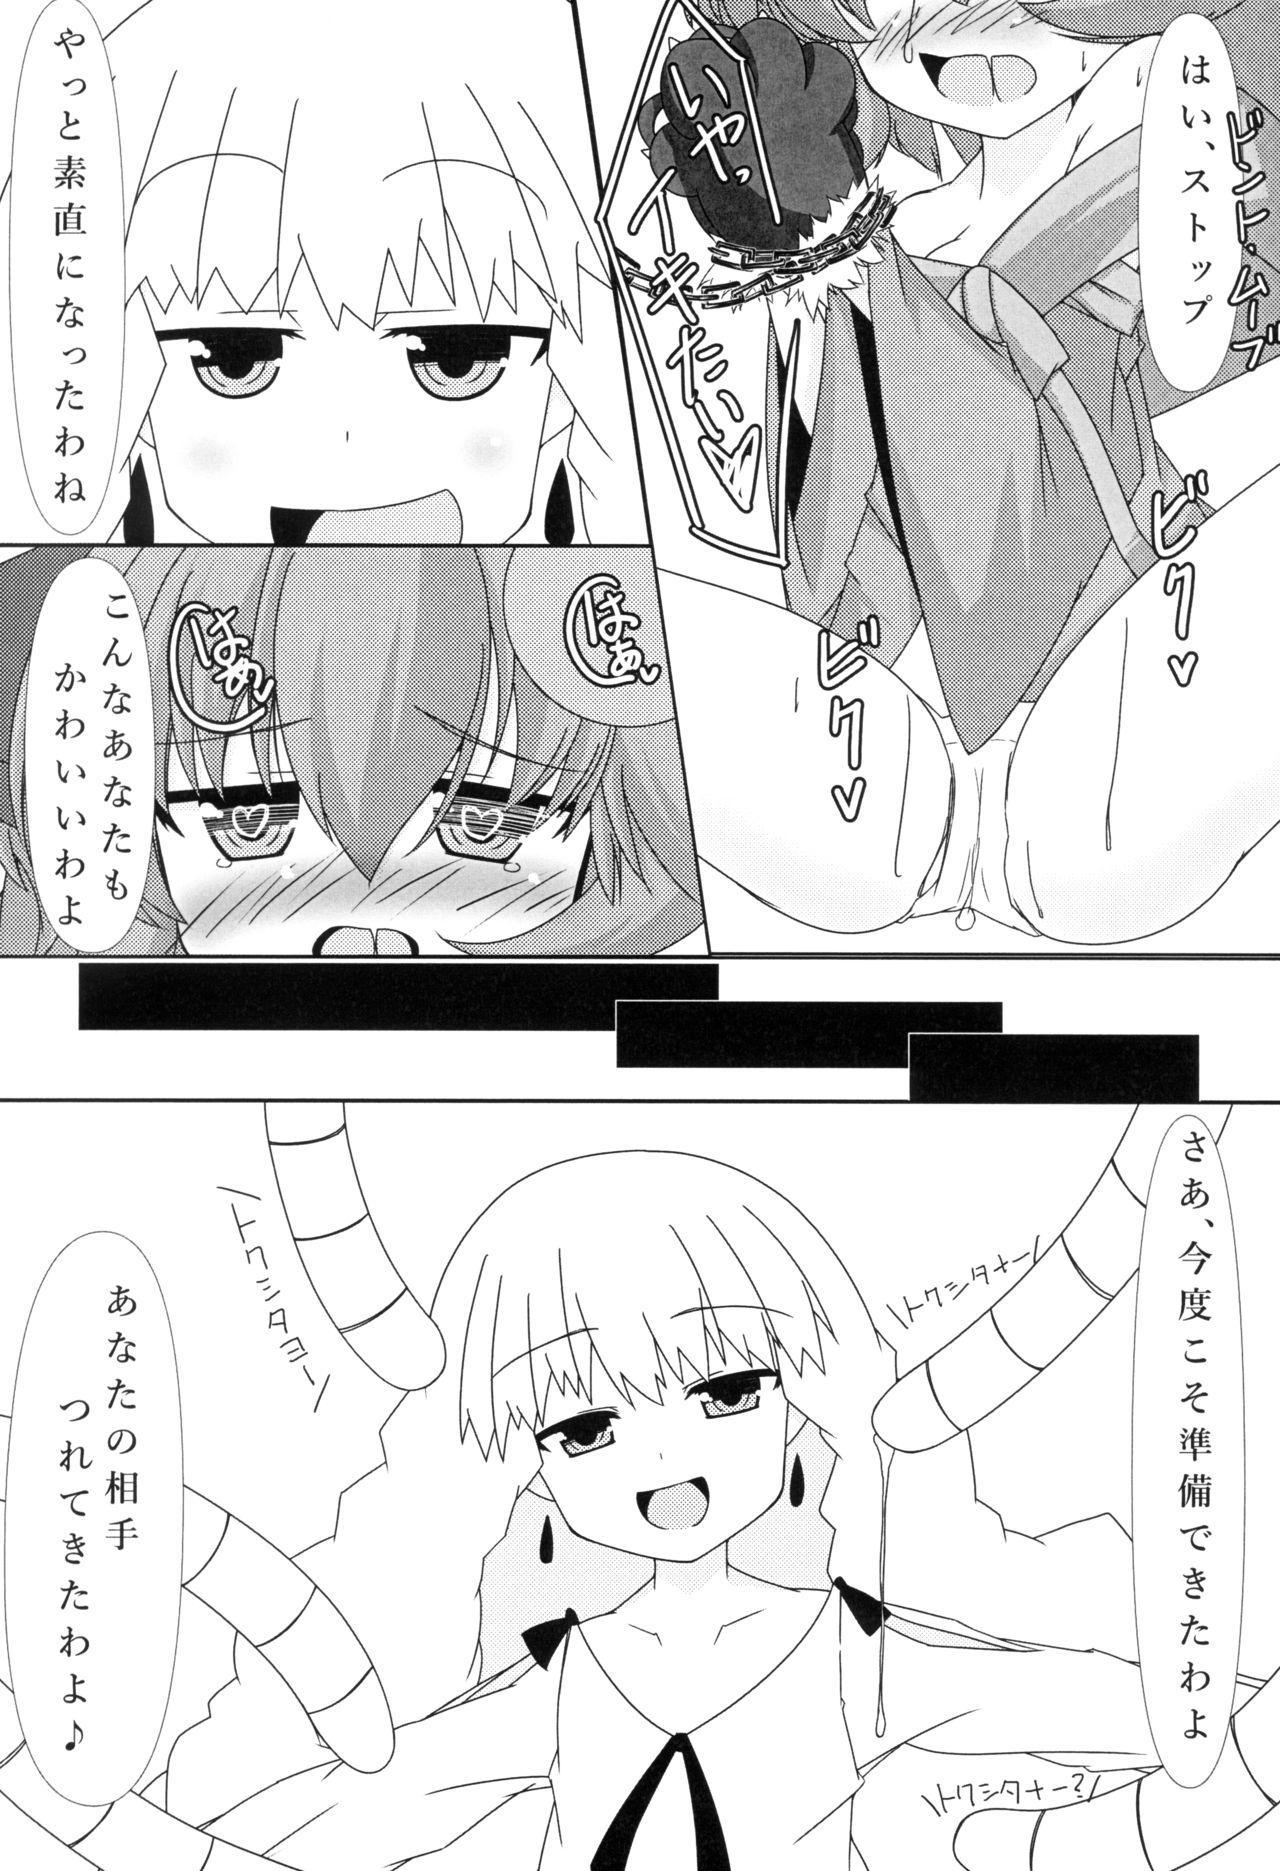 ピルルクたん発情中 9